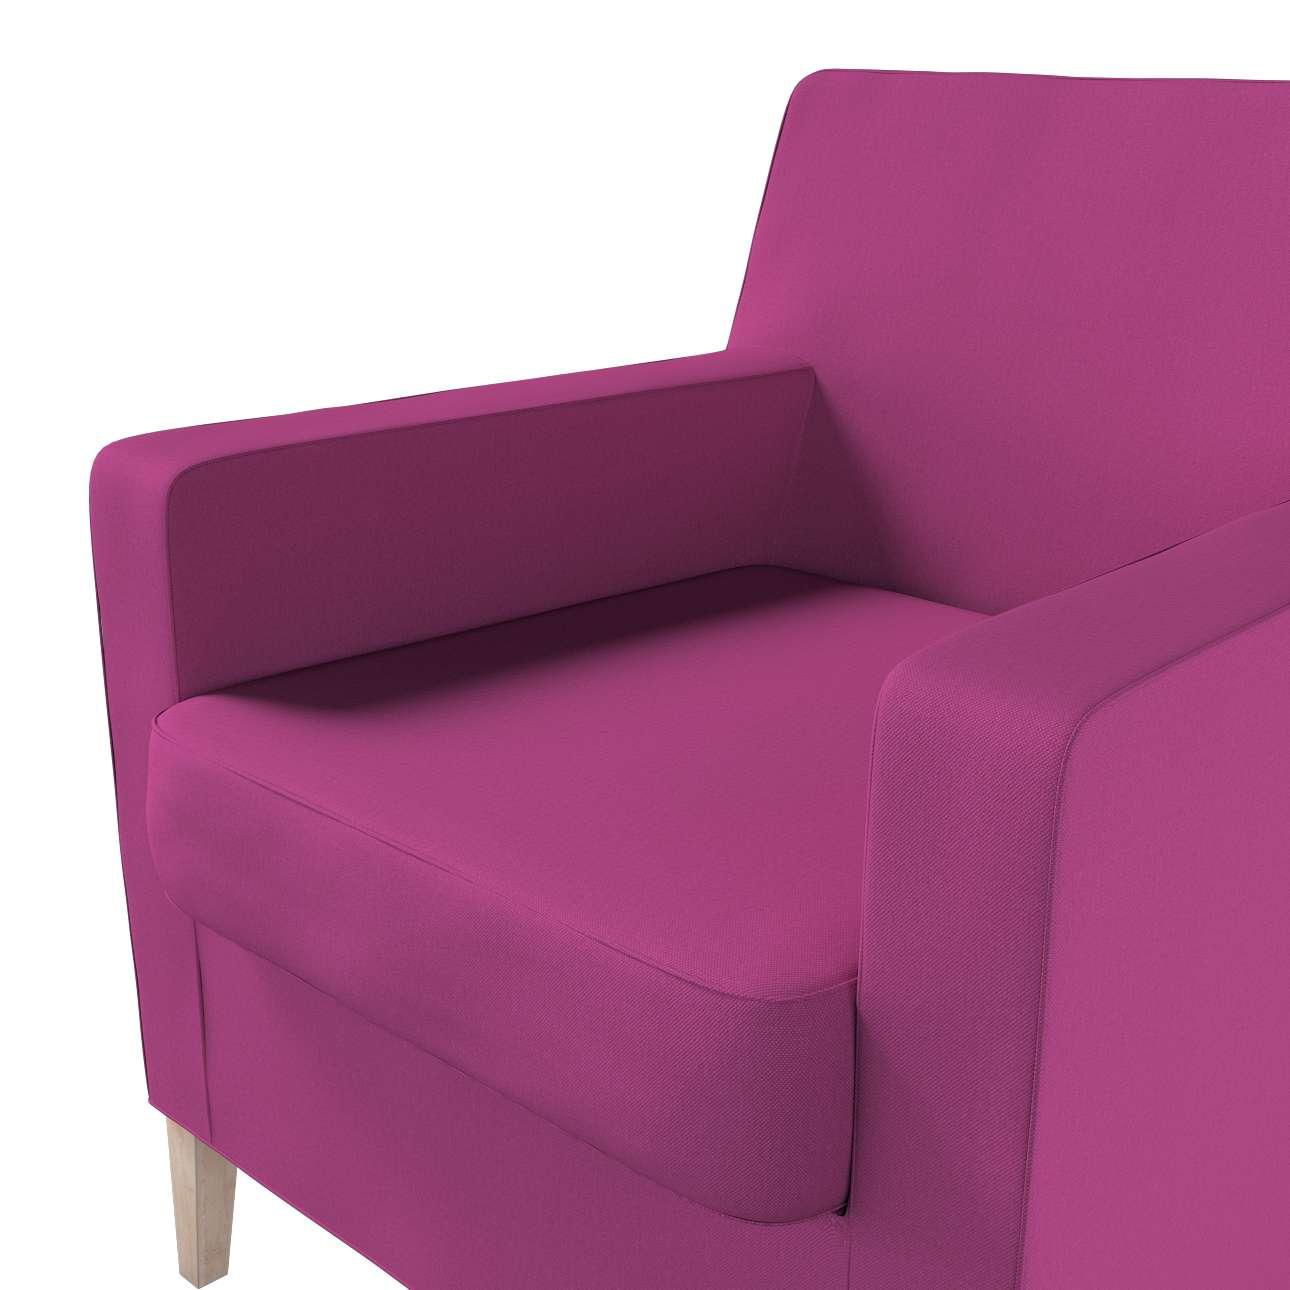 Pokrowiec na fotel Karlstad w kolekcji Etna, tkanina: 705-23